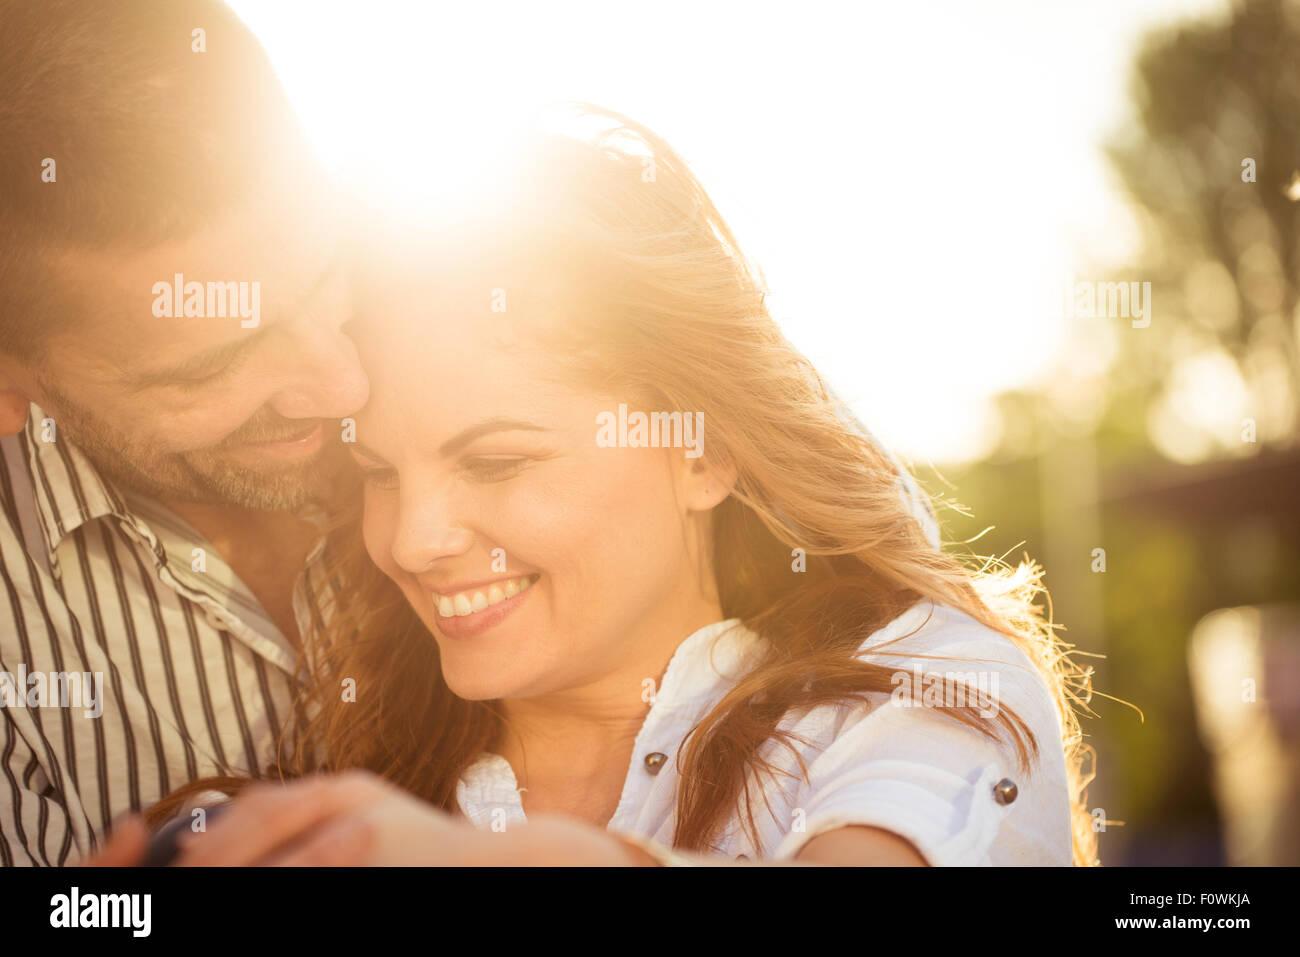 Felice coppia avente un grande tempo insieme - fotografata al tramonto contro il sole Immagini Stock